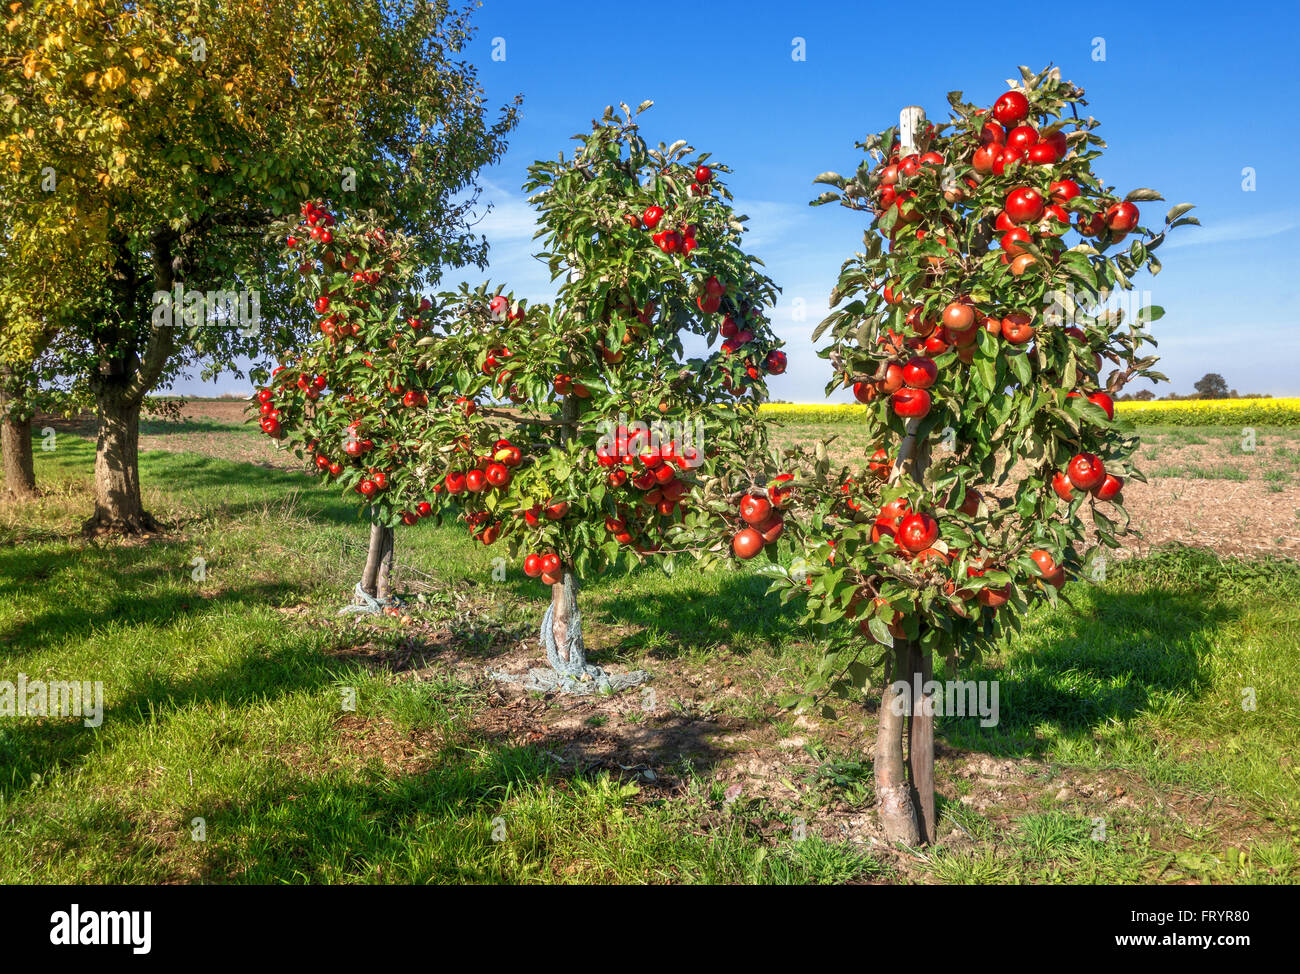 Tre piccoli alberi di mele con molti, mature mele rosse in un frutteto accanto a un campo. Immagini Stock